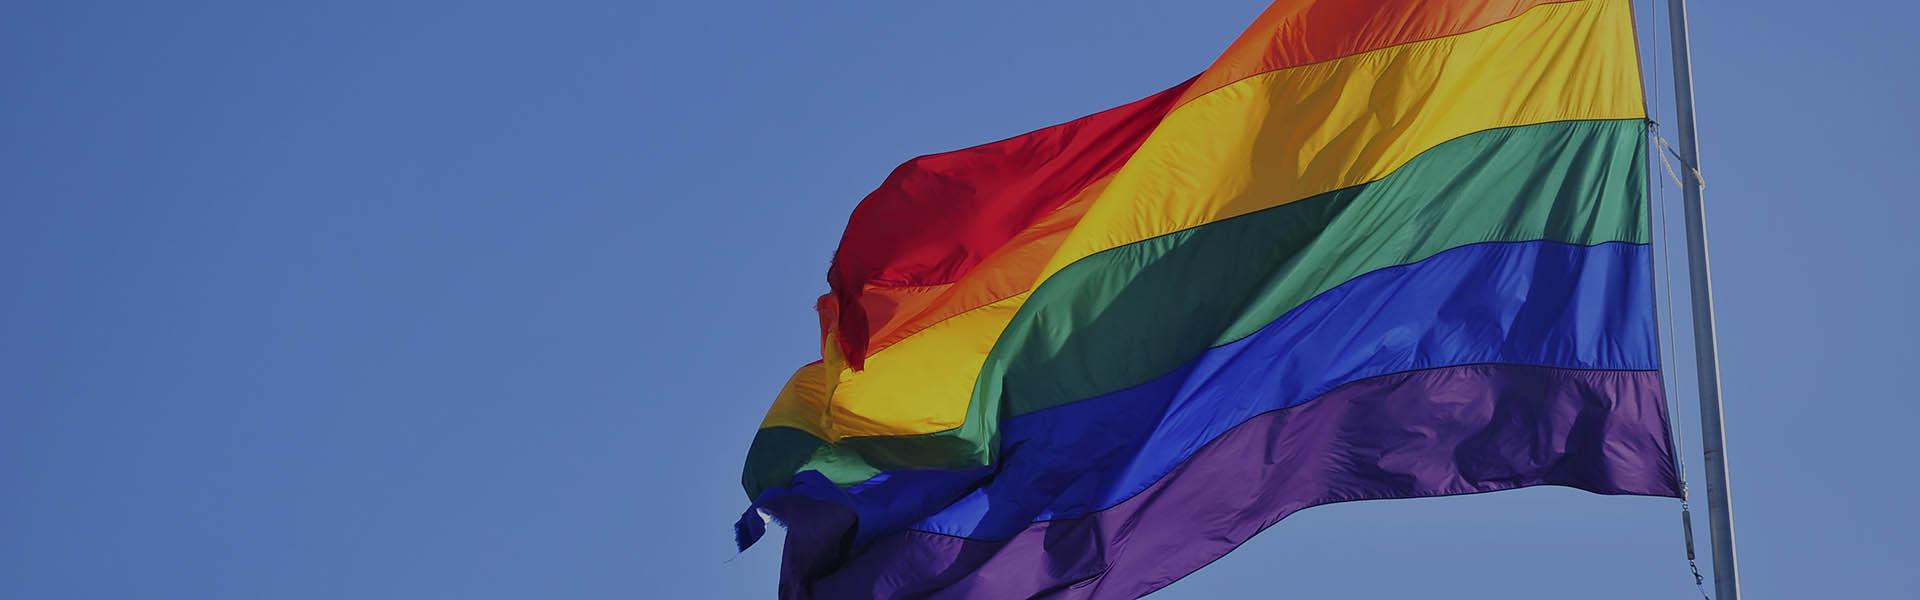 40 perguntas para cristãos apoiando a bandeira do arco-íris